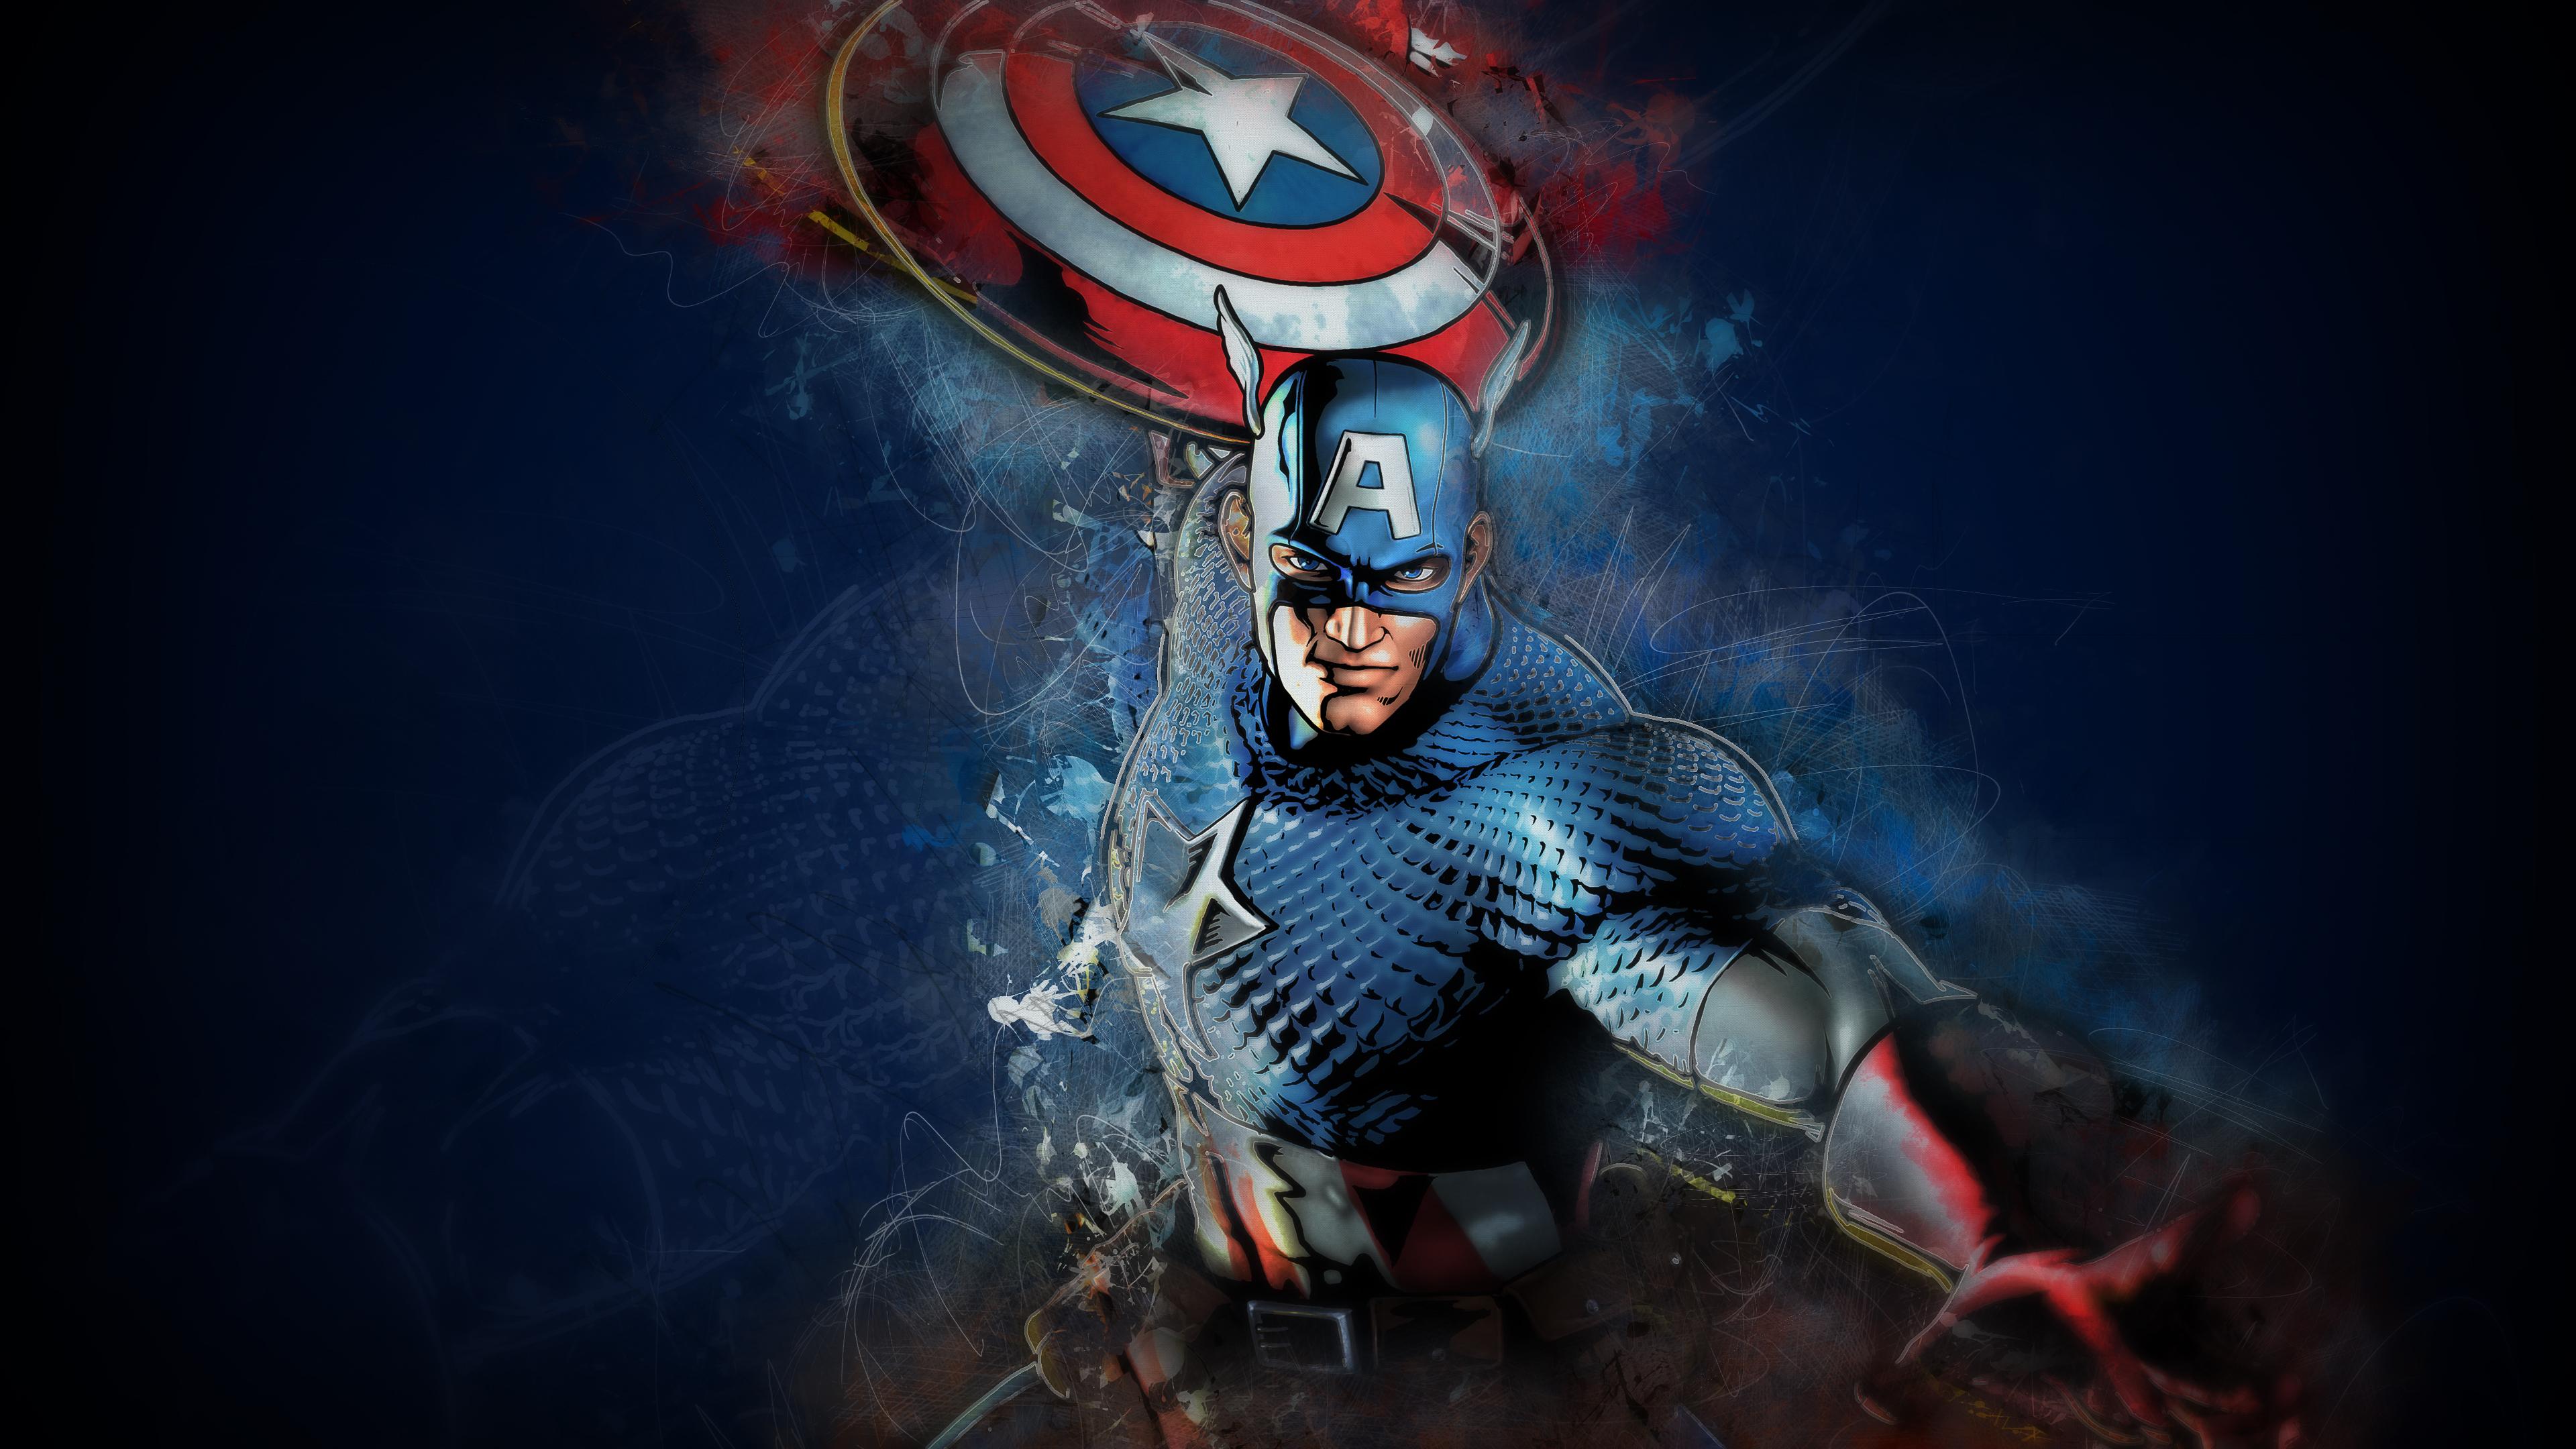 captain america artwork 4k 1536521926 - Captain America Artwork 4k - superheroes wallpapers, hd-wallpapers, digital art wallpapers, captain america wallpapers, artwork wallpapers, artist wallpapers, 4k-wallpapers